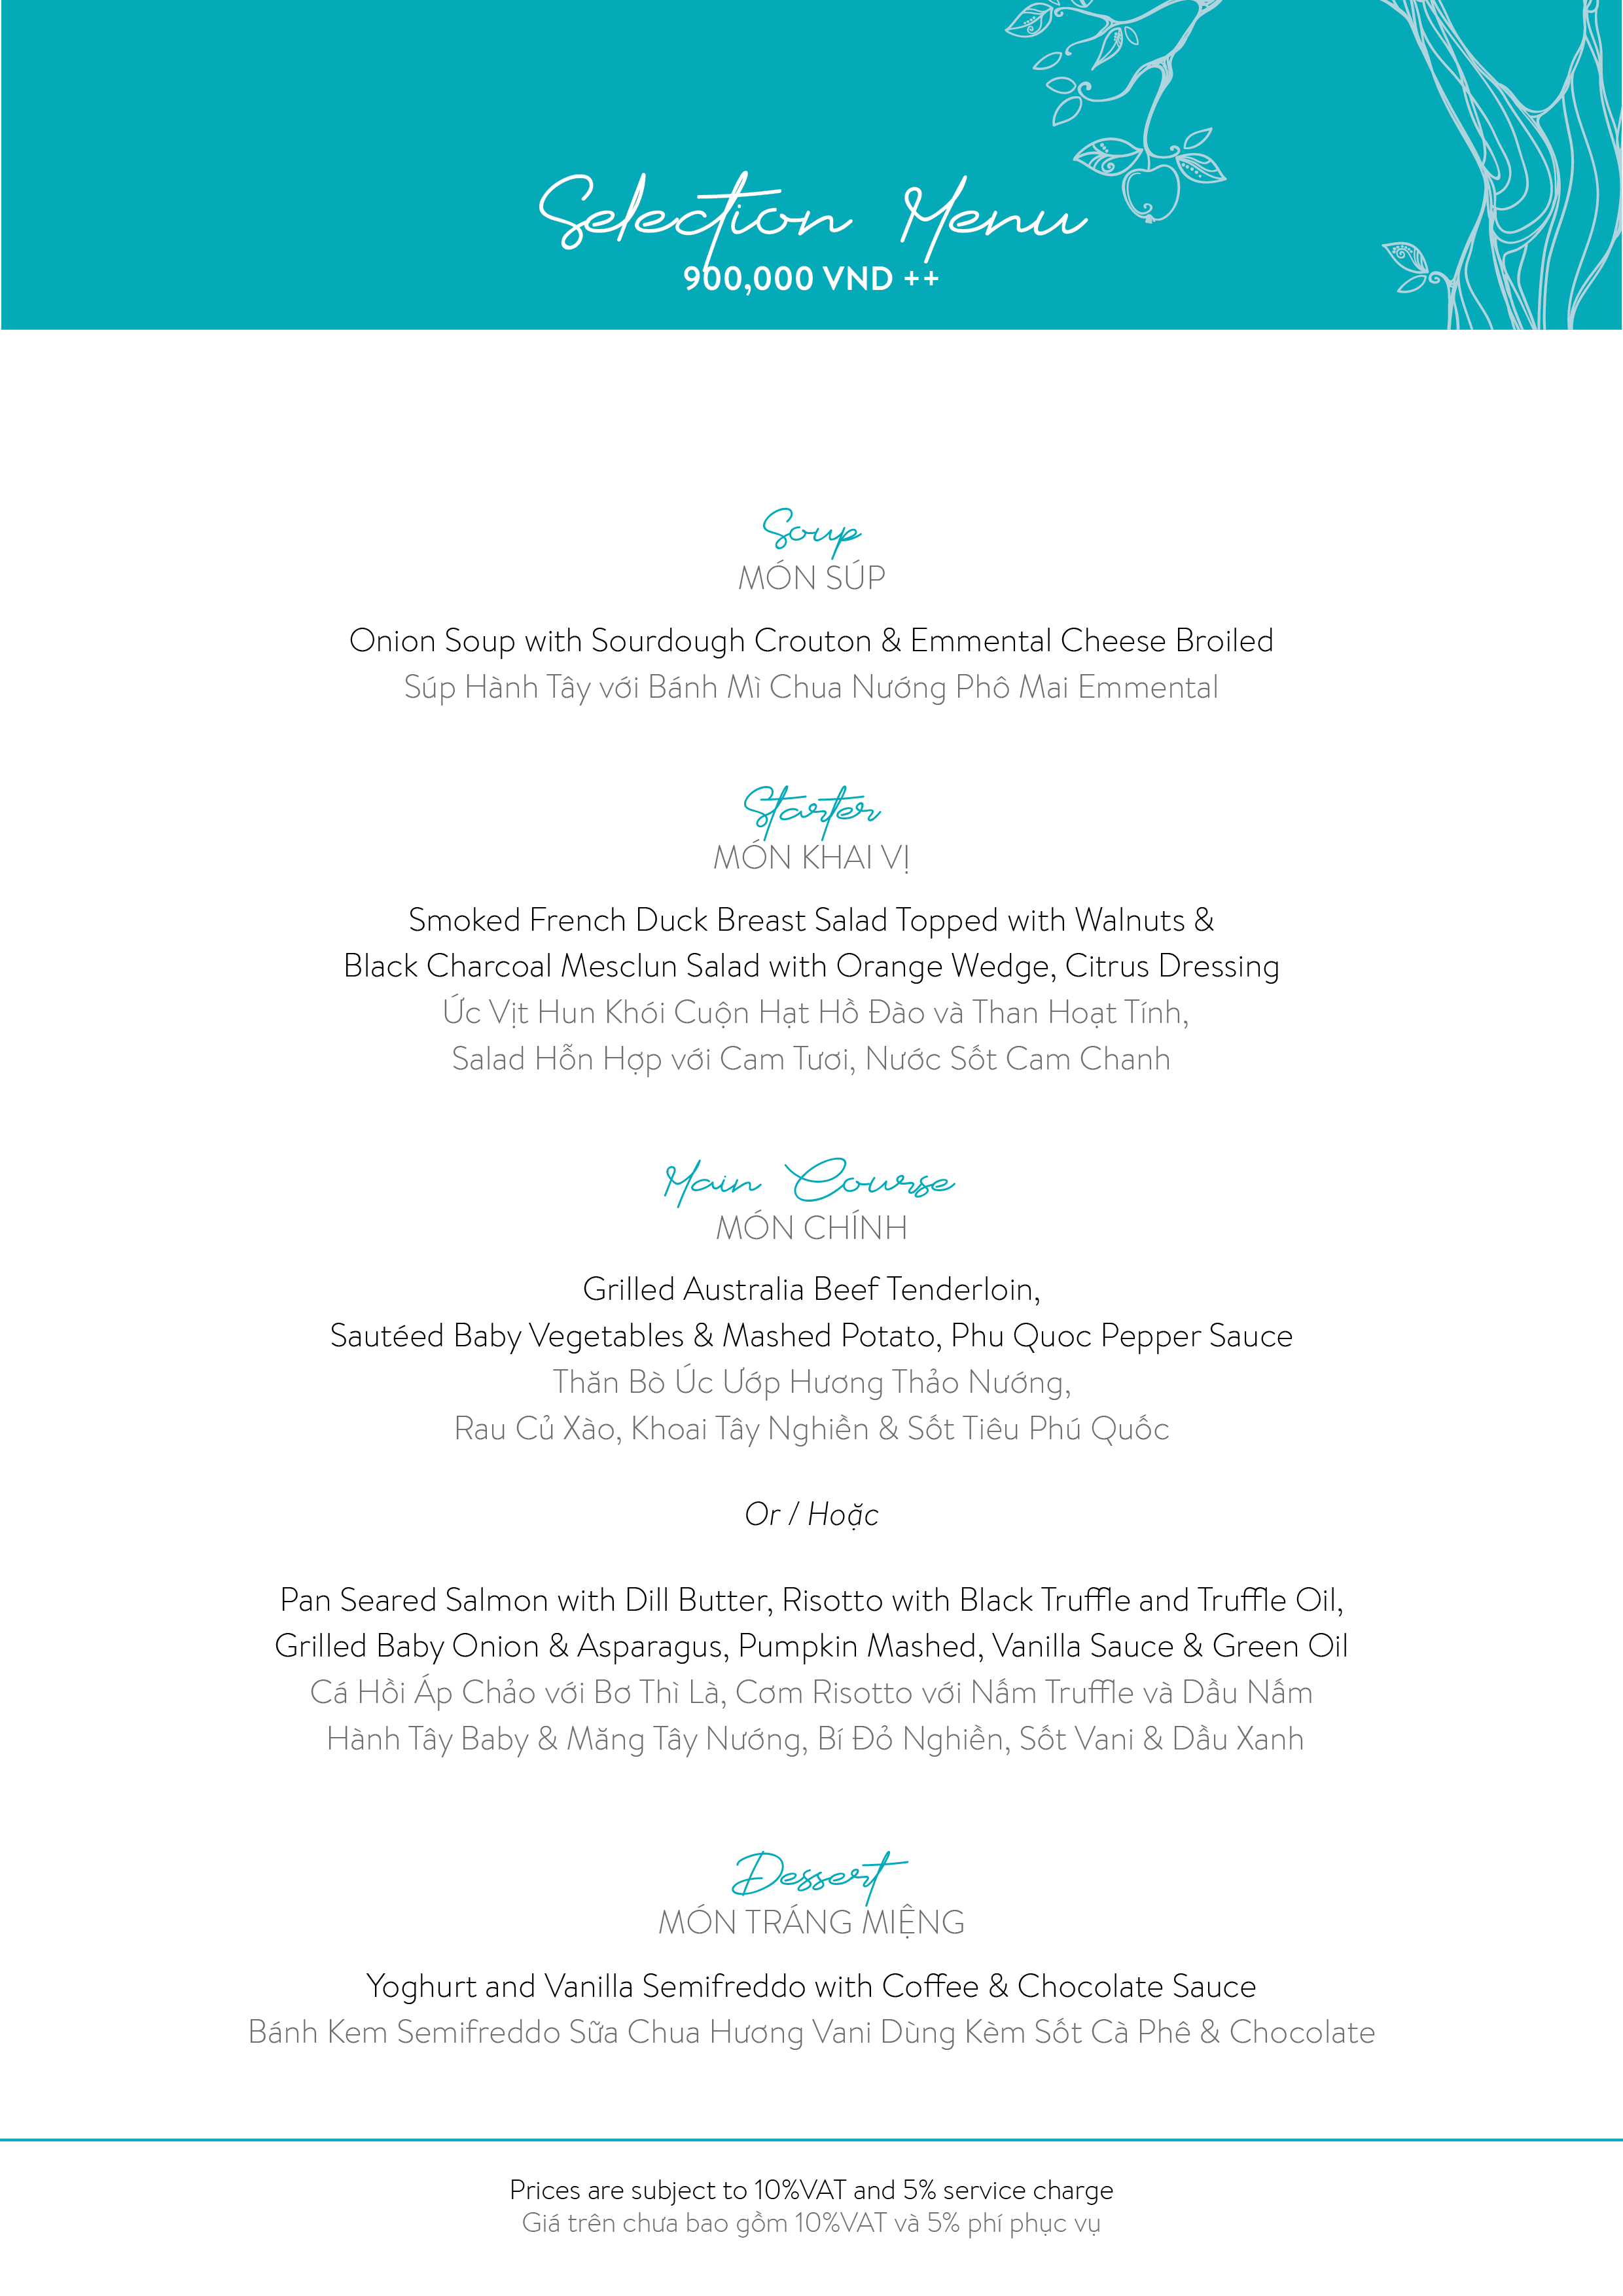 The Temptation-Selection menu